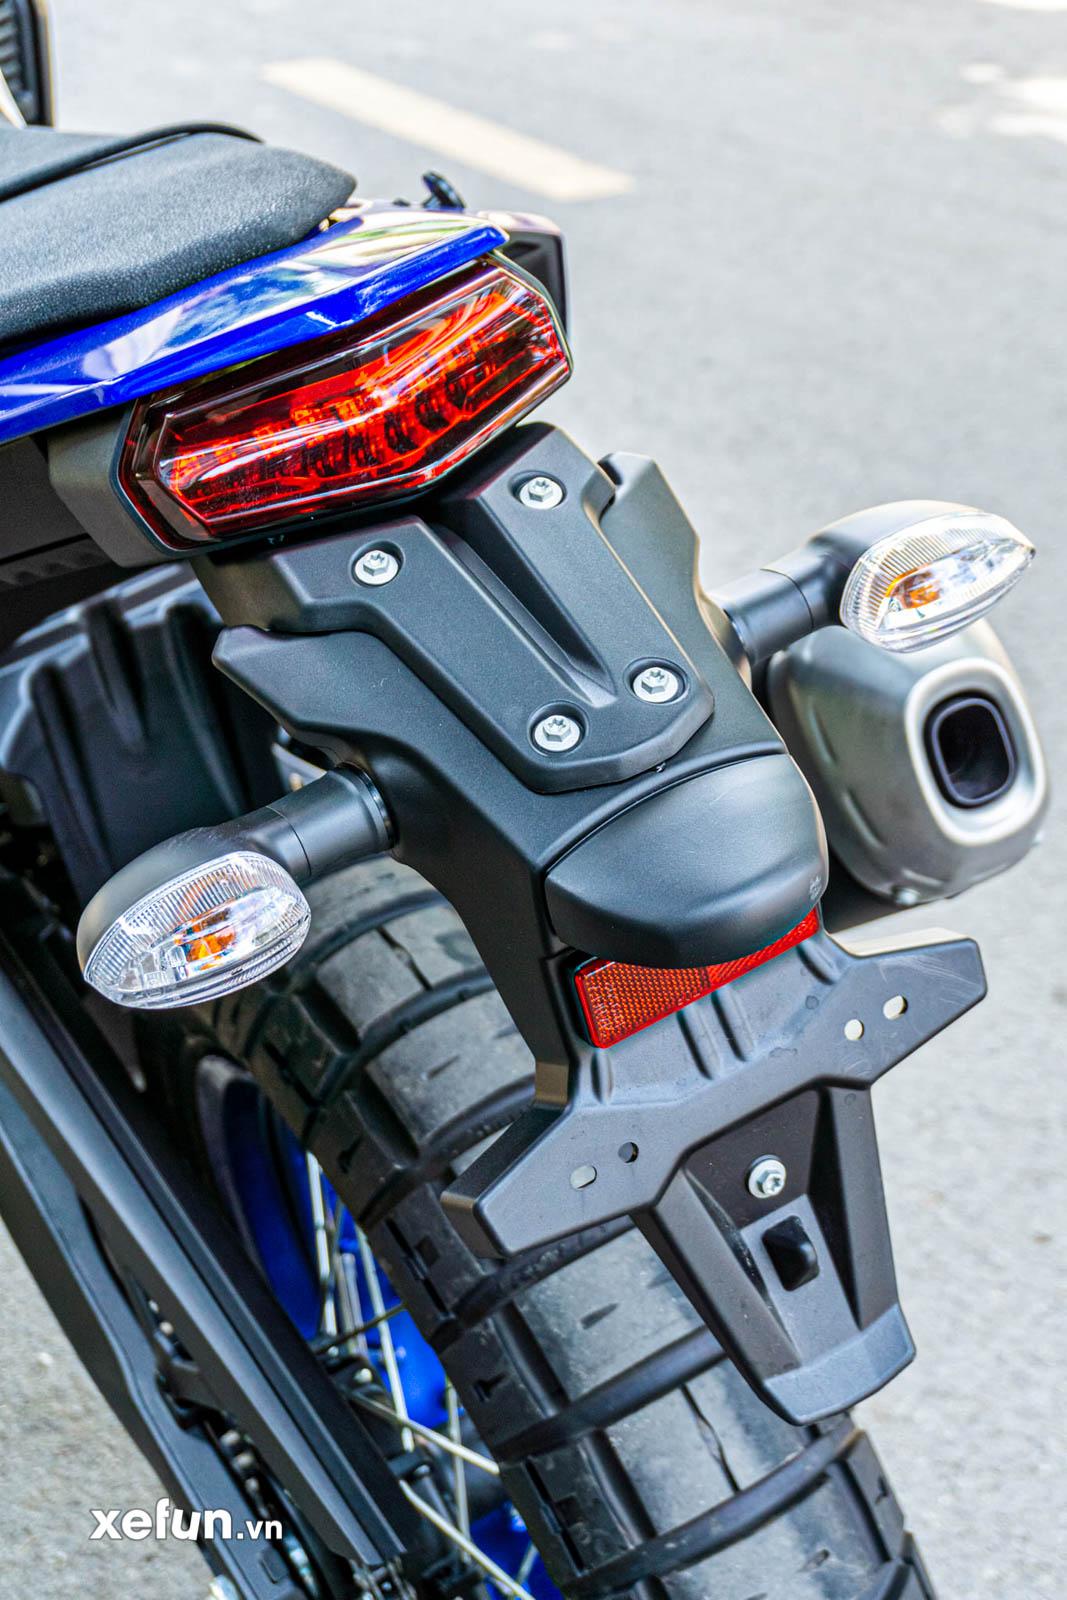 Giá bán Yamaha Tenere 700 2021 kèm thông số Việt Nam trên Xefun -